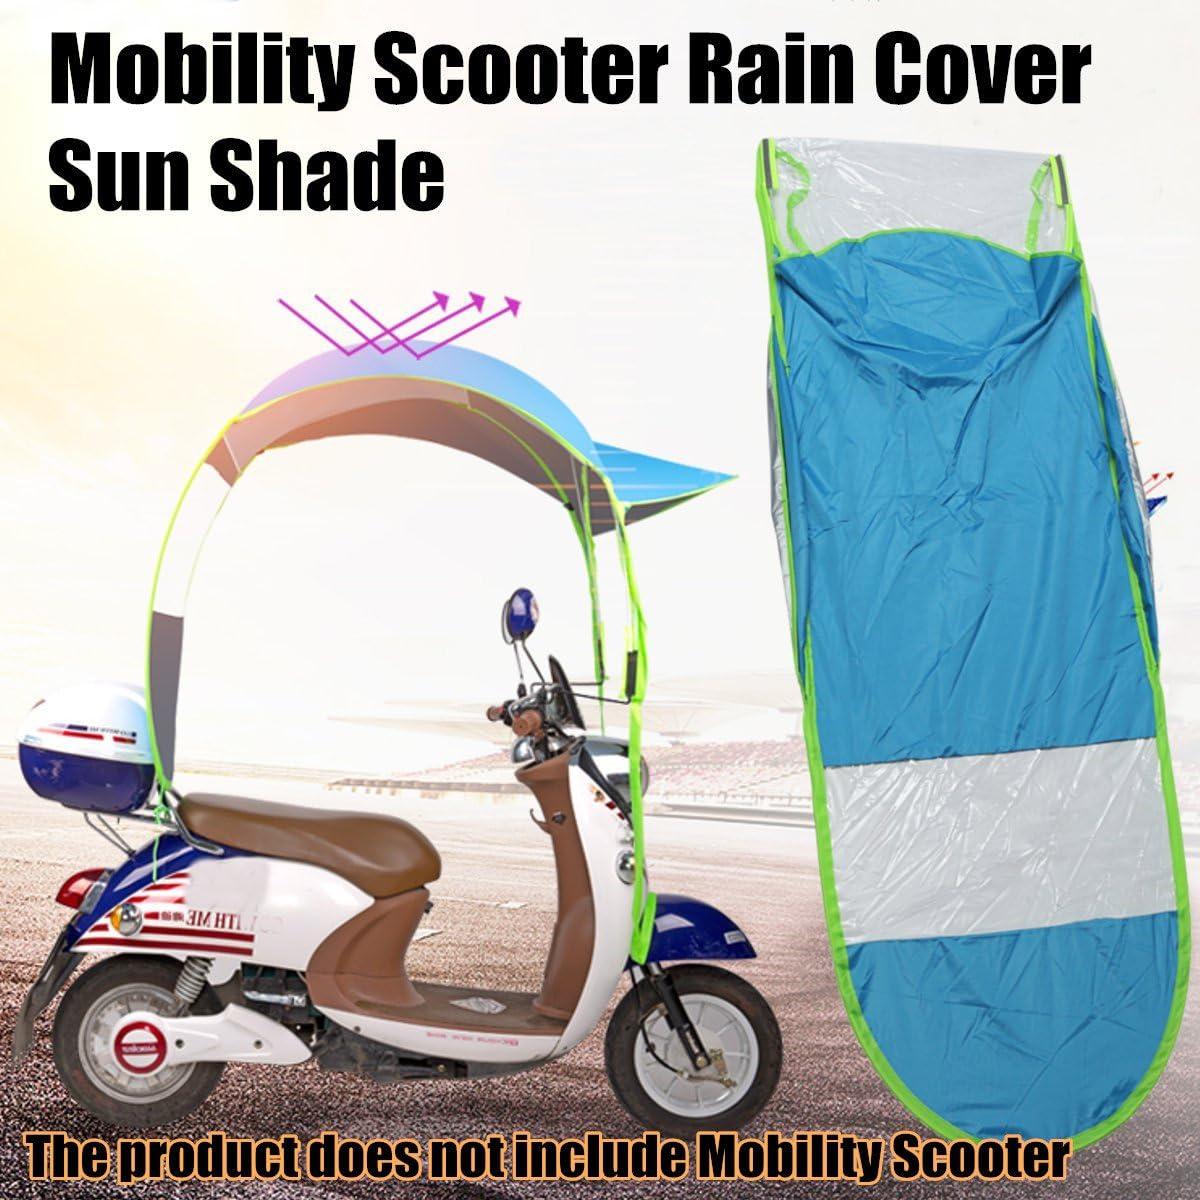 0.8 Viviance Mobility Scooter Soleil Pluie Couverture De Vent Voiture /Électrique Emp/êcher Parapluie 2.8 0.75 M Bleu